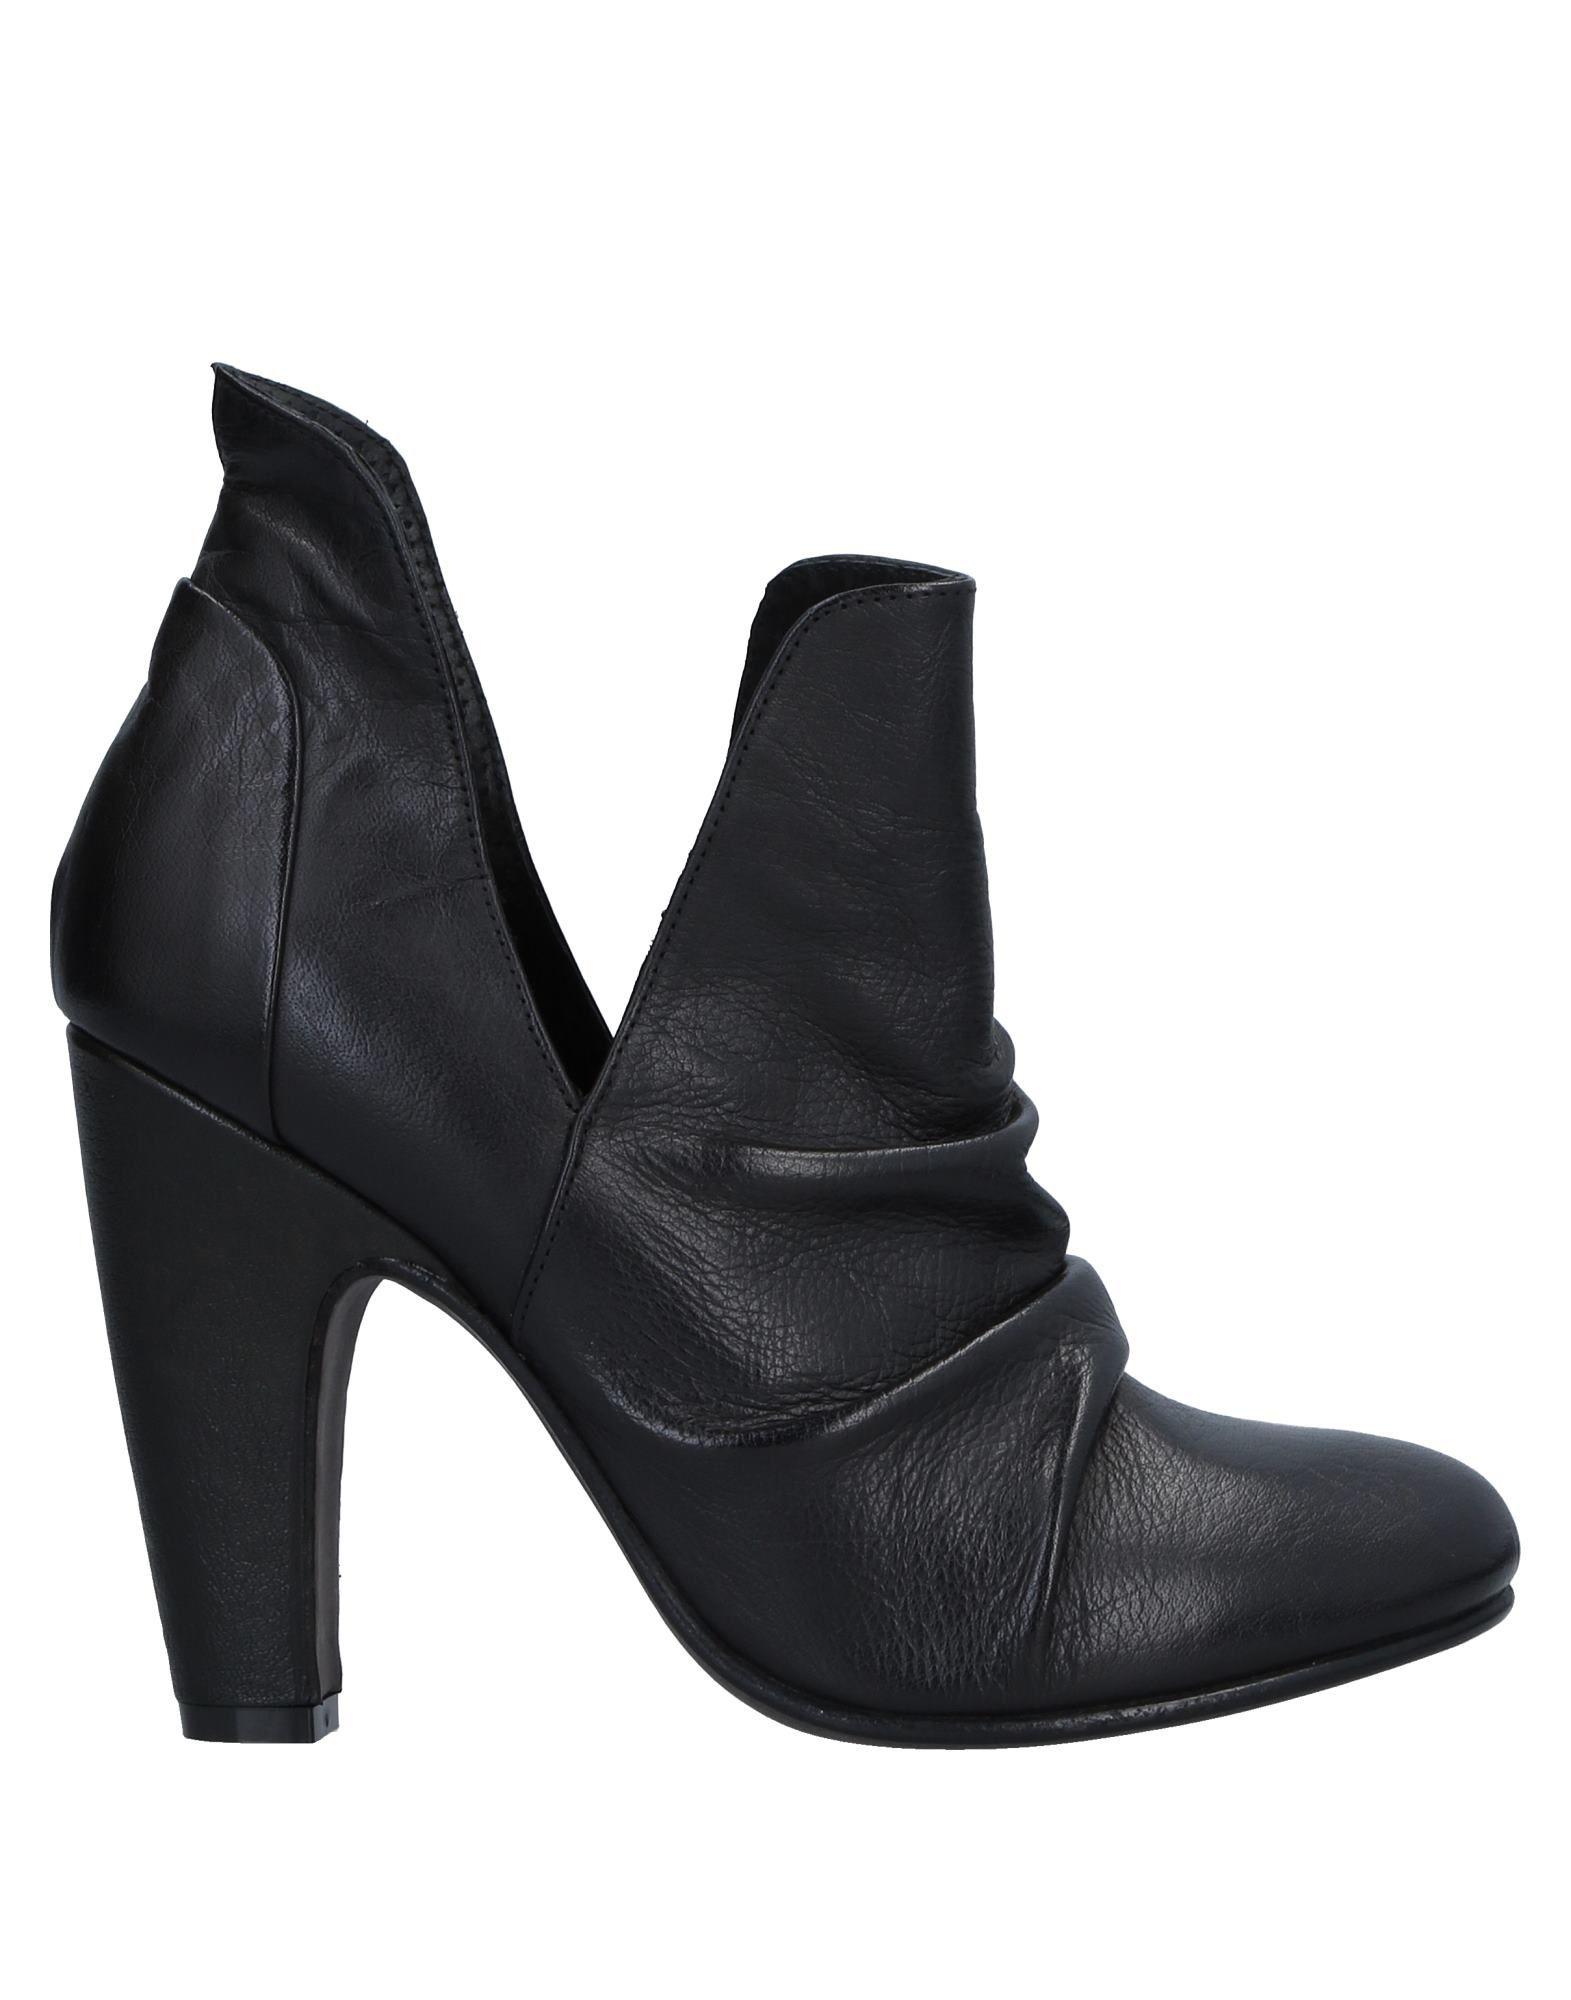 Gut um Stiefelette billige Schuhe zu tragenEntourage Stiefelette um Damen  11532375DG 4906cc